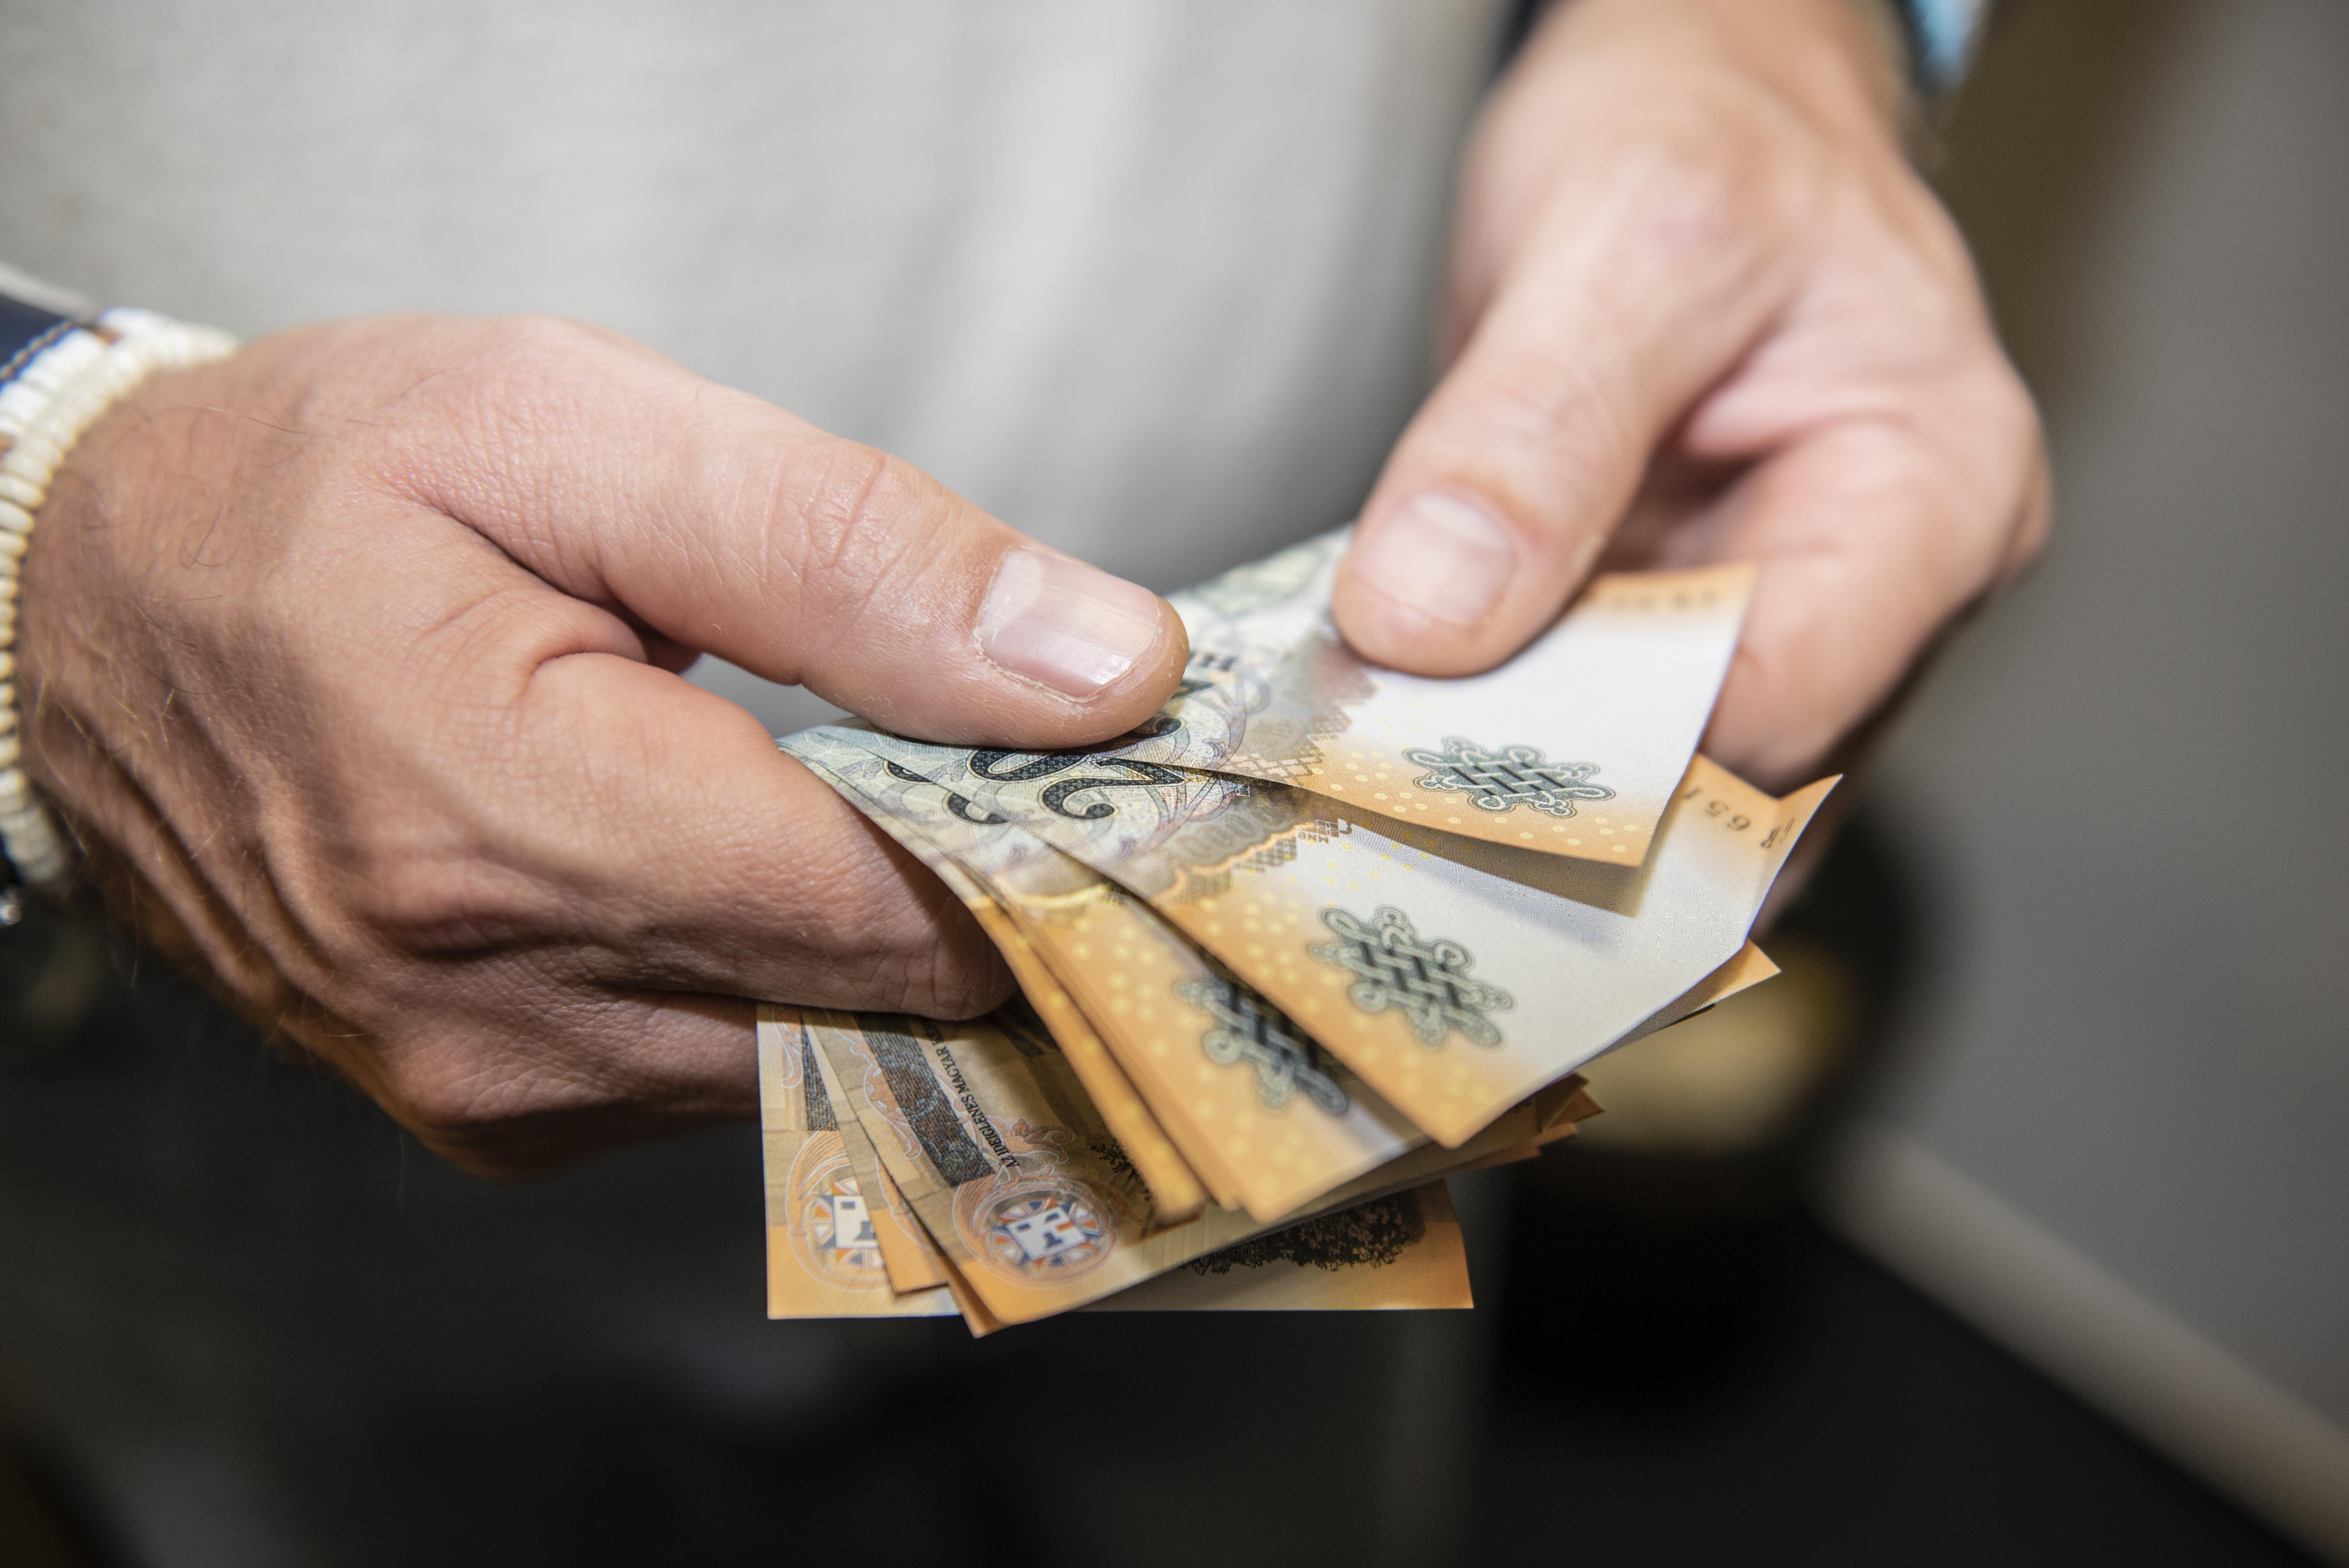 hogyan lehet pénzt keresni 500-zal)